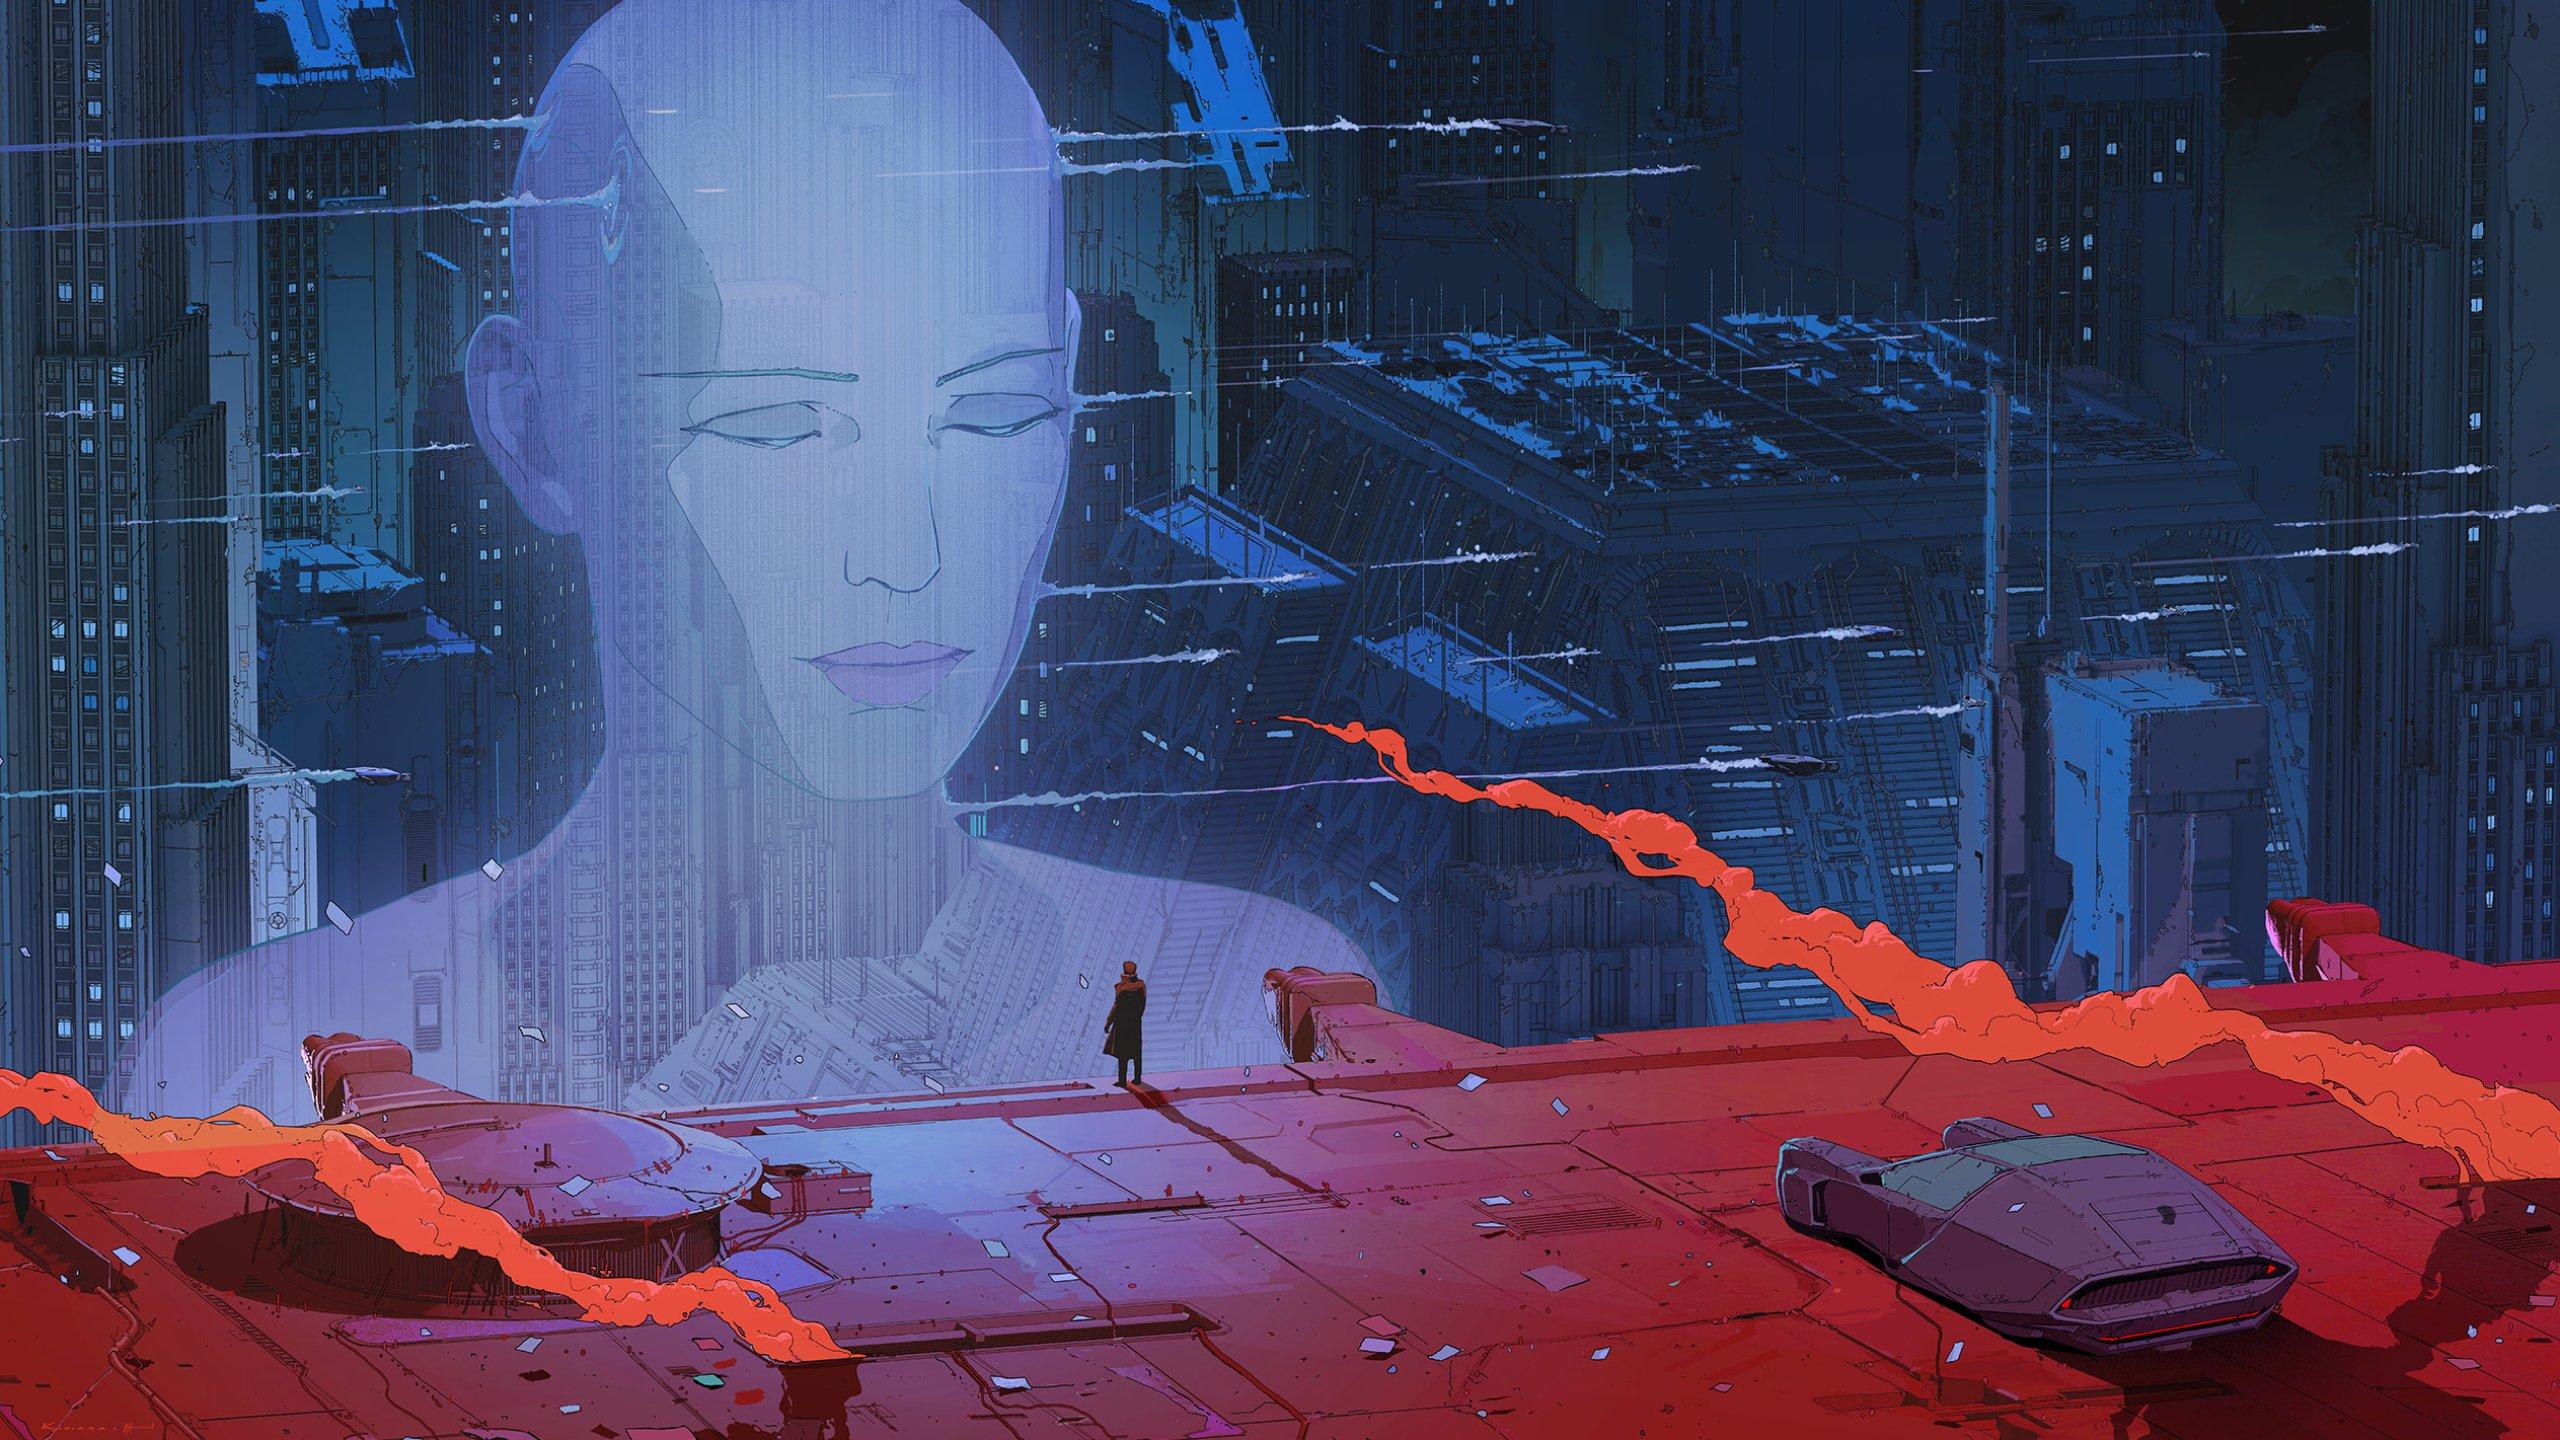 Blade Runner 2049 Hd Wallpaper